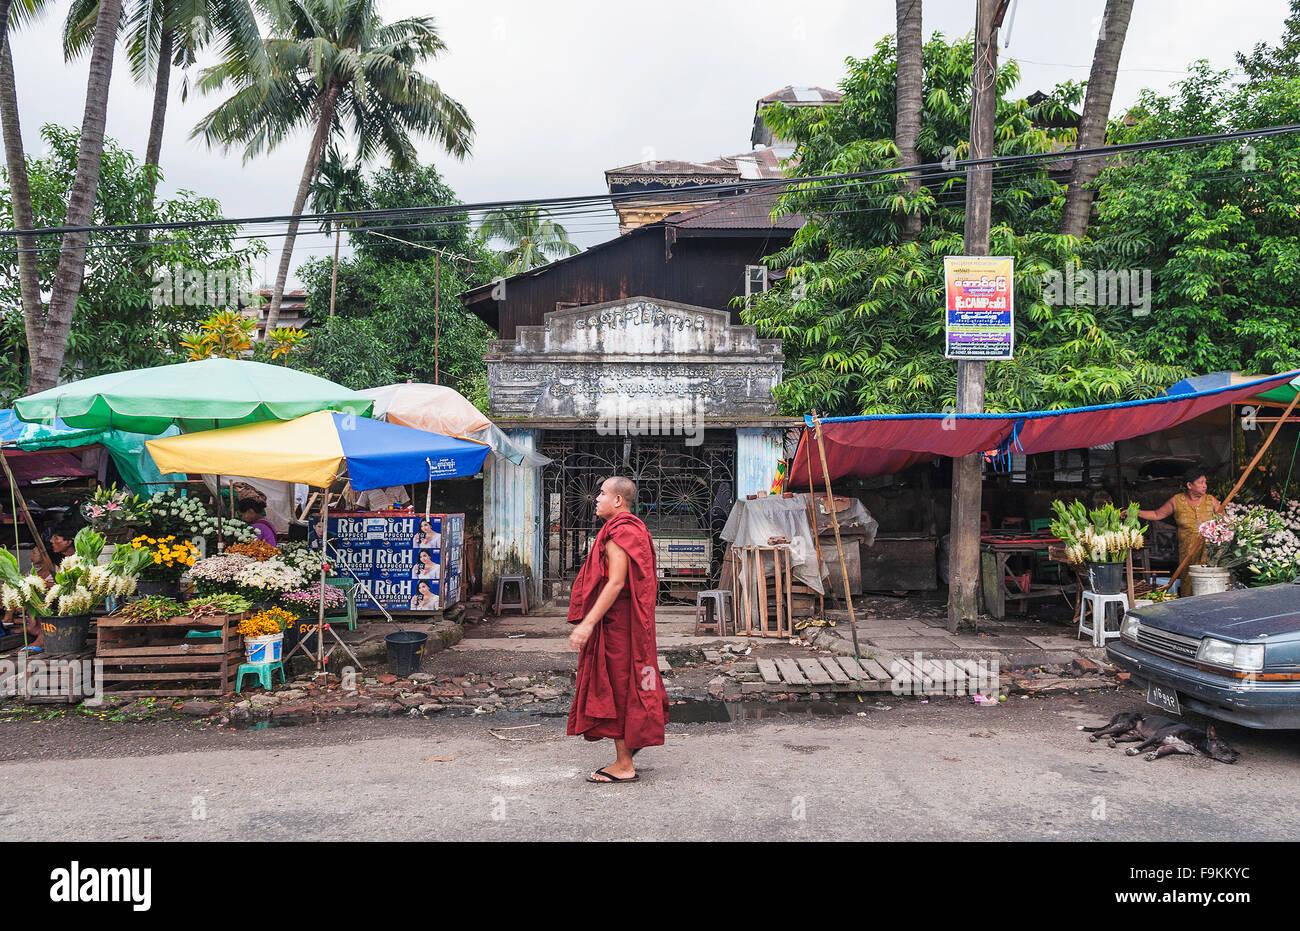 Monaco buddista alla strada del mercato di Yangon myanmar Immagini Stock